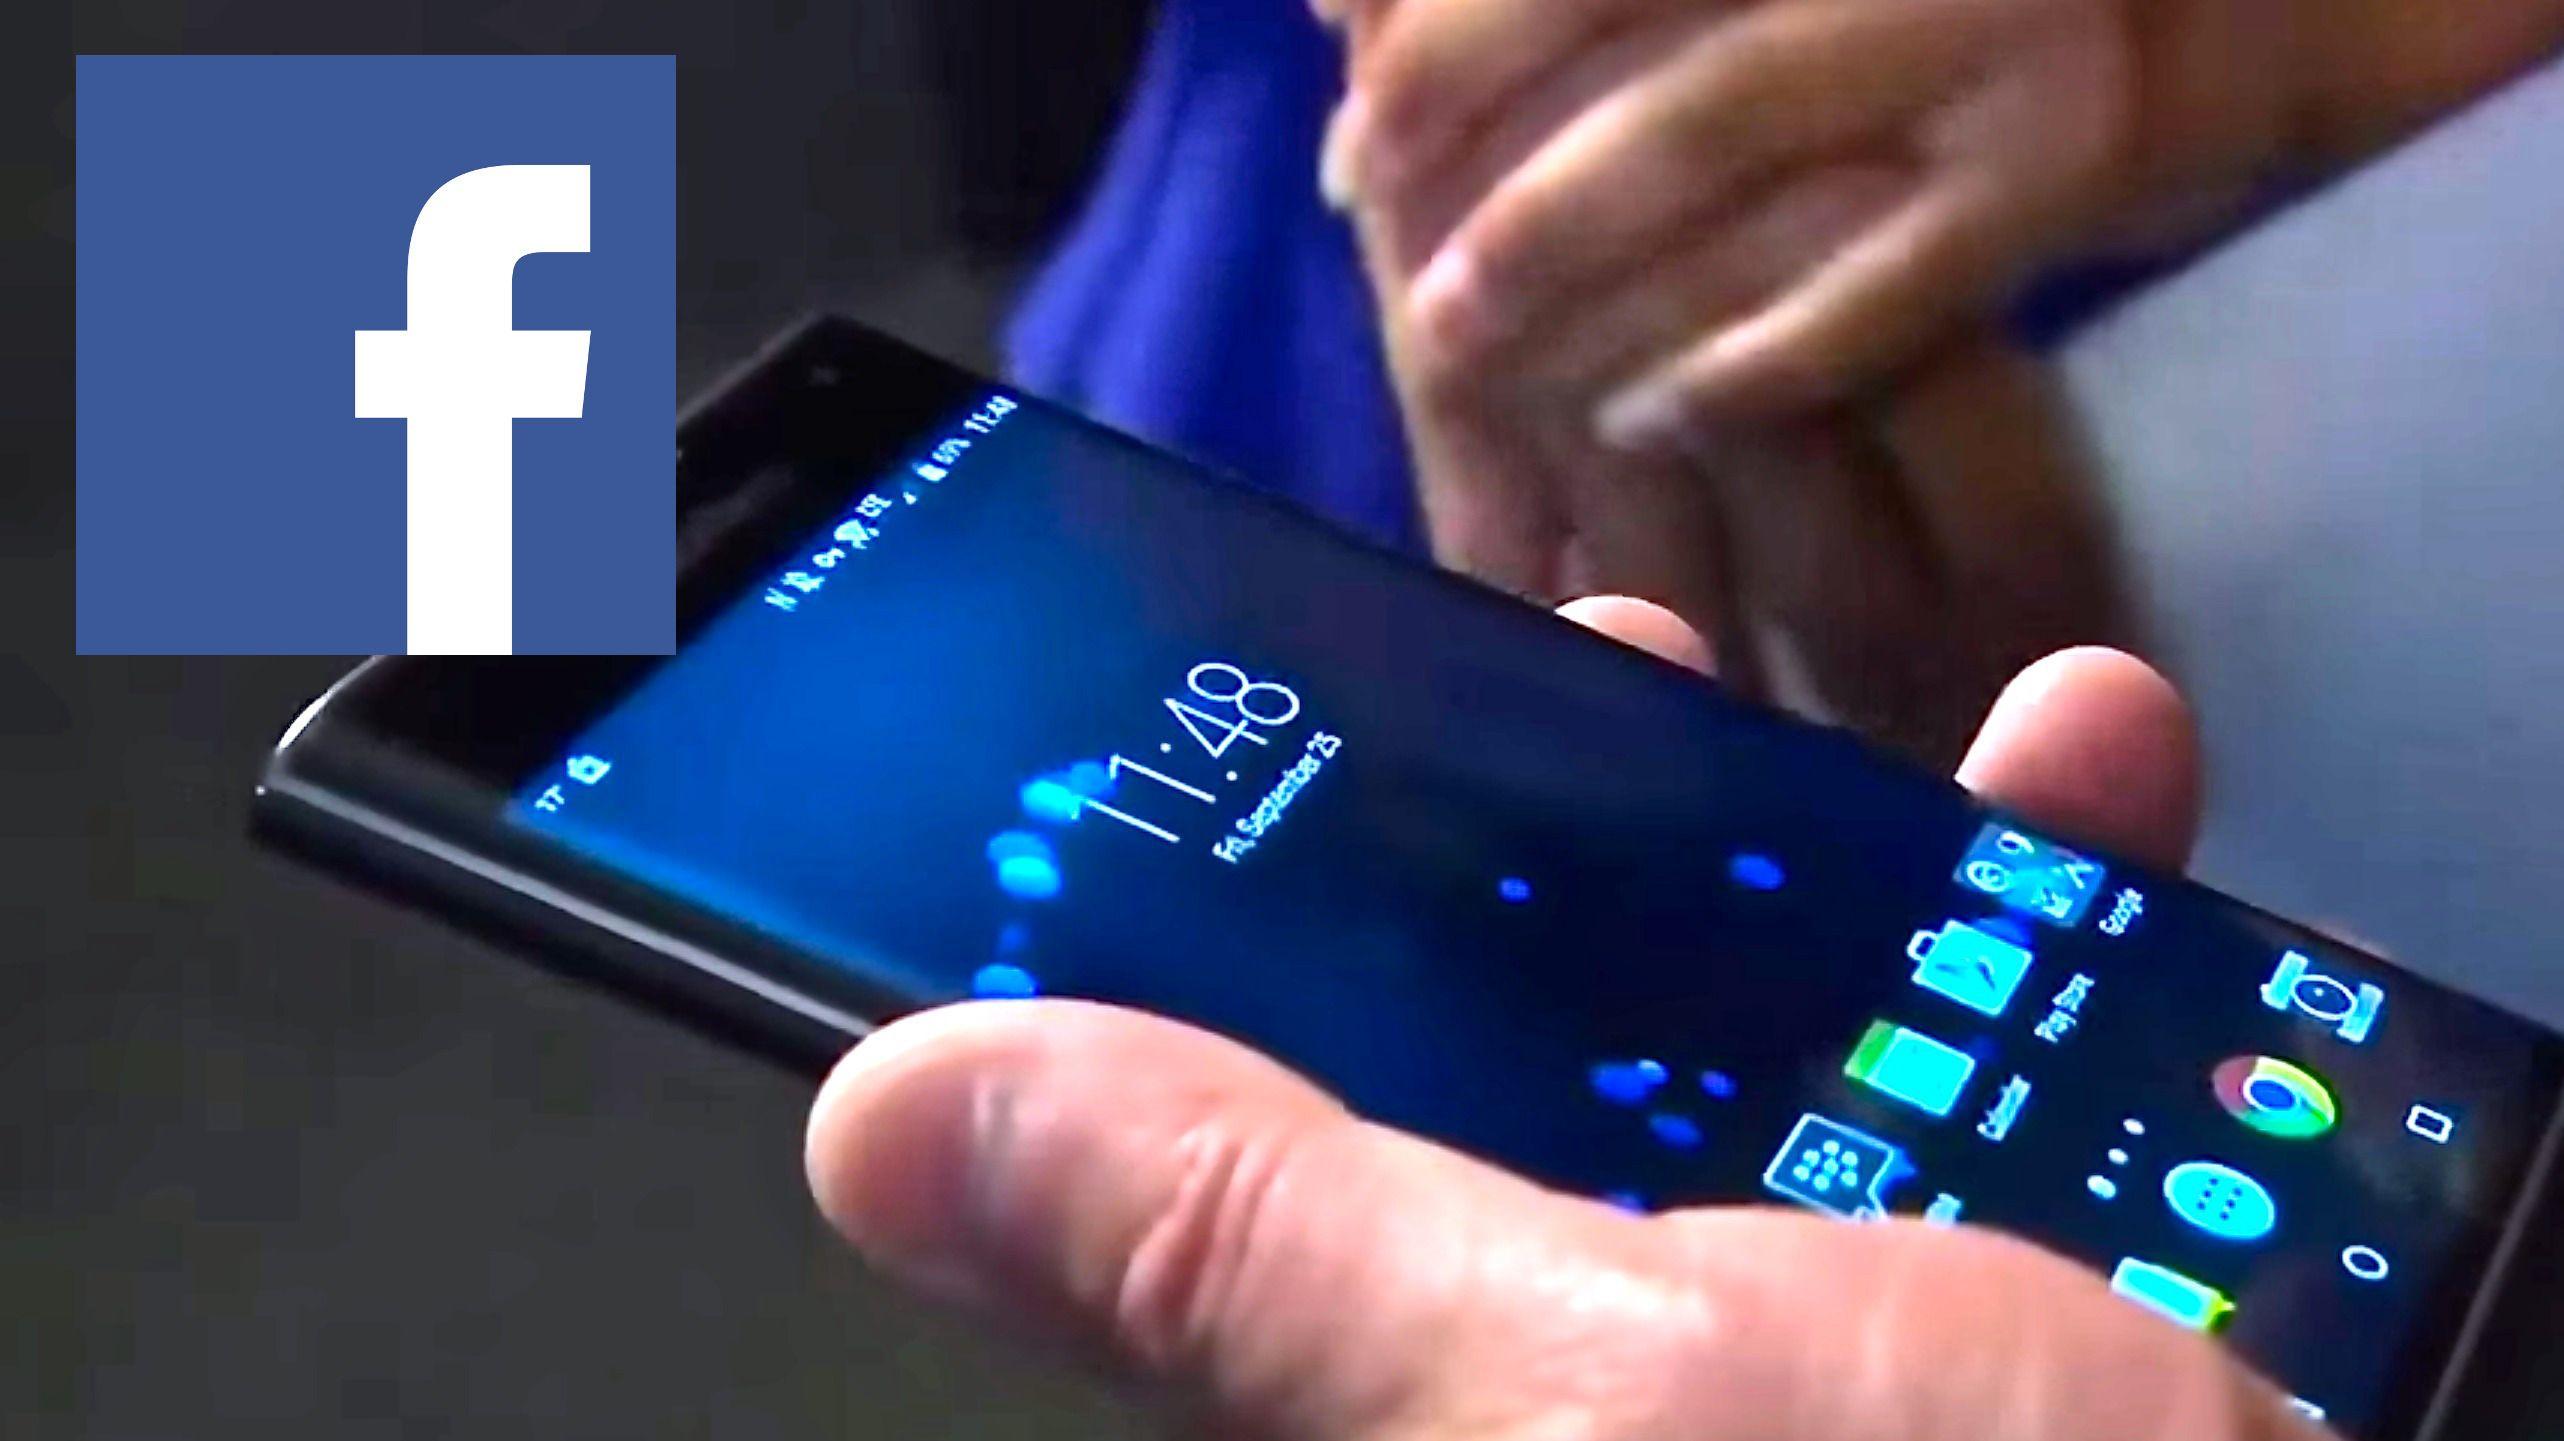 Snart kan du ikke lenger bruke Facebook med BlackBerrys operativsystem